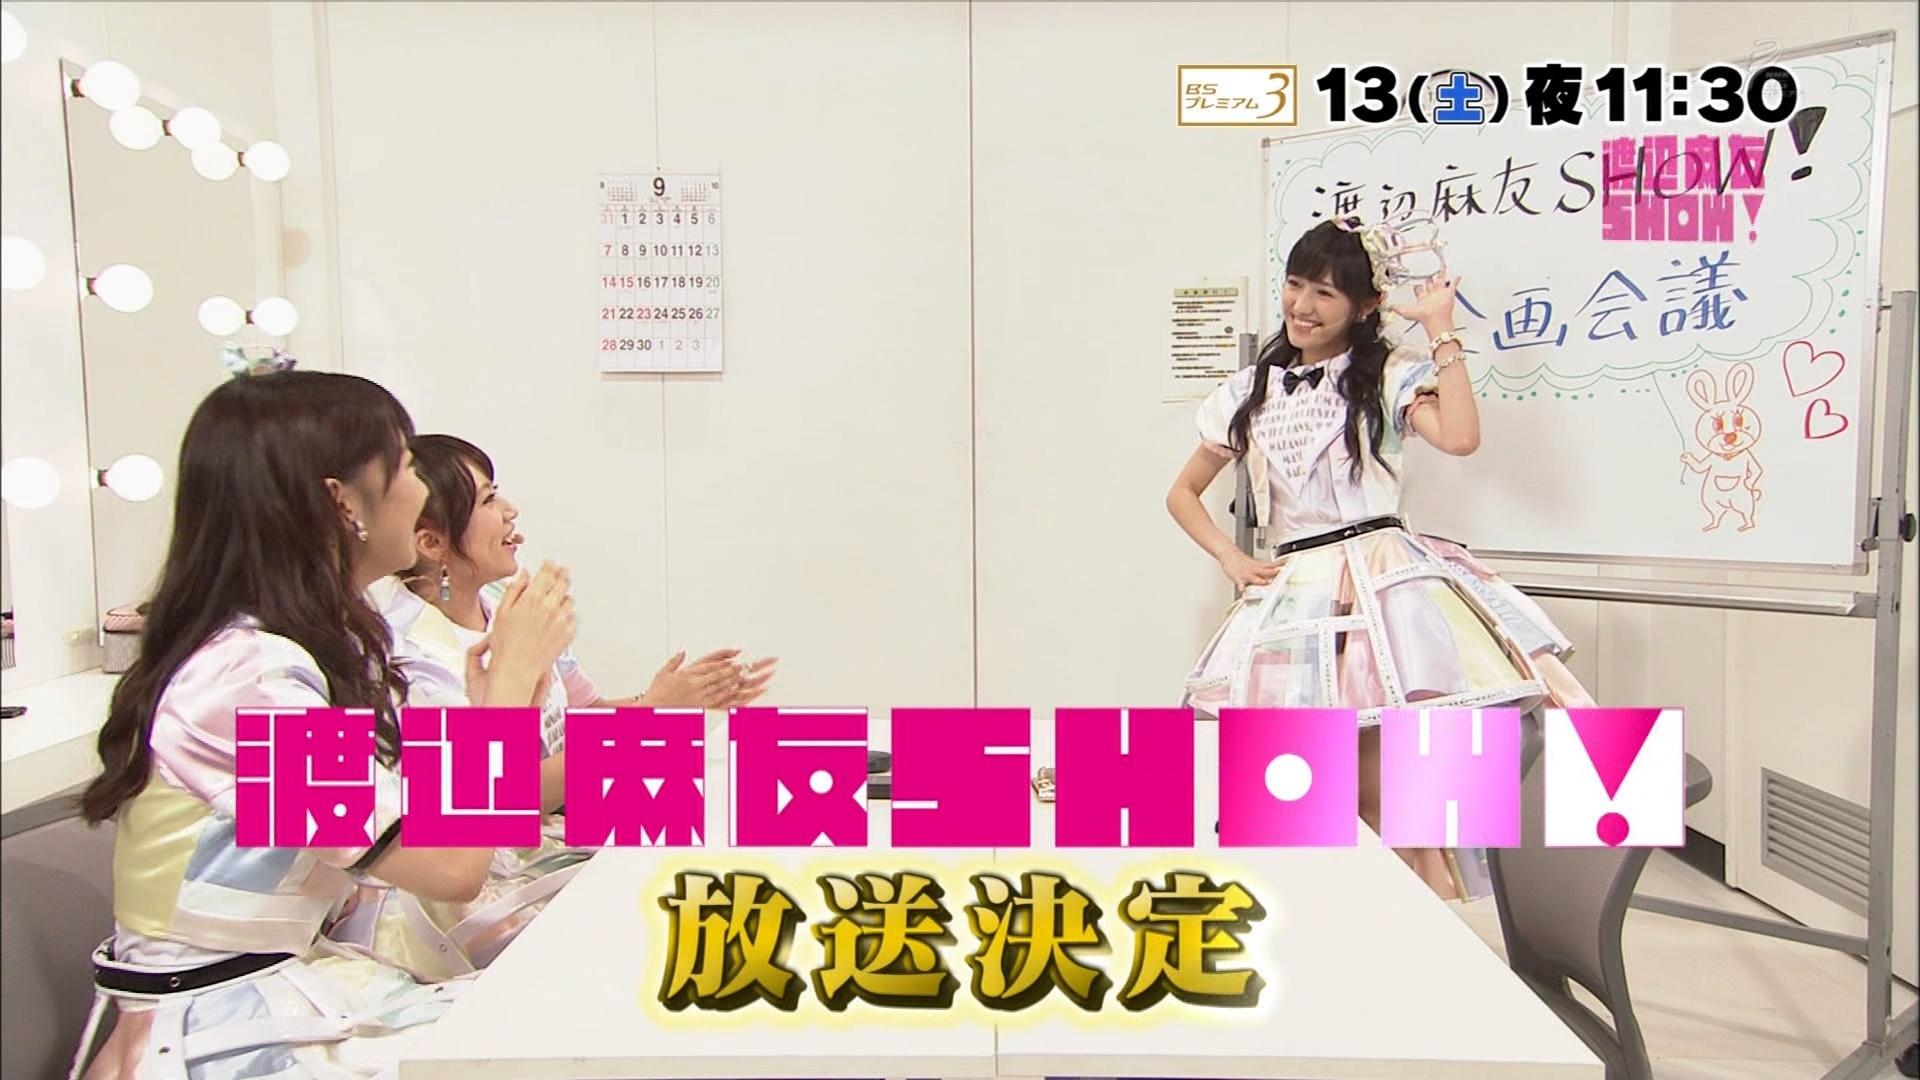 渡辺麻友SHOW!予告 AKB48SHOW! 20140906 (9)